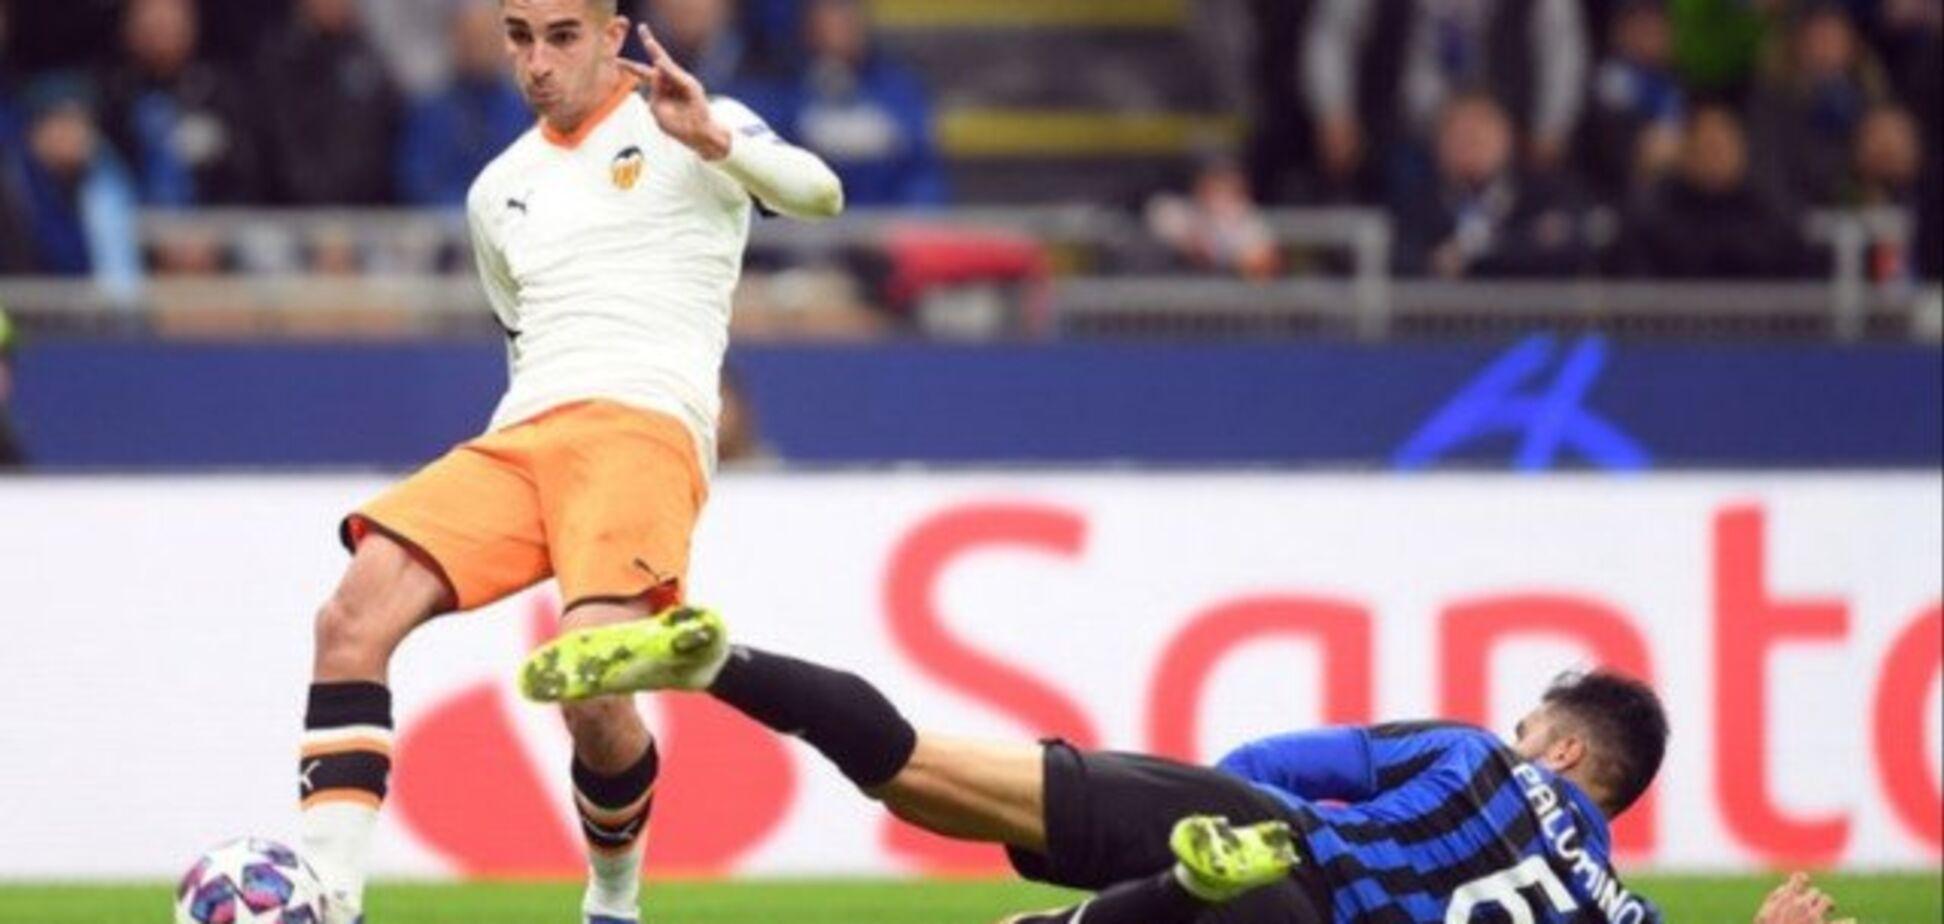 'Валенсія' – 'Аталанта': прогноз на матч 1/8 фіналу Ліги чемпіонів